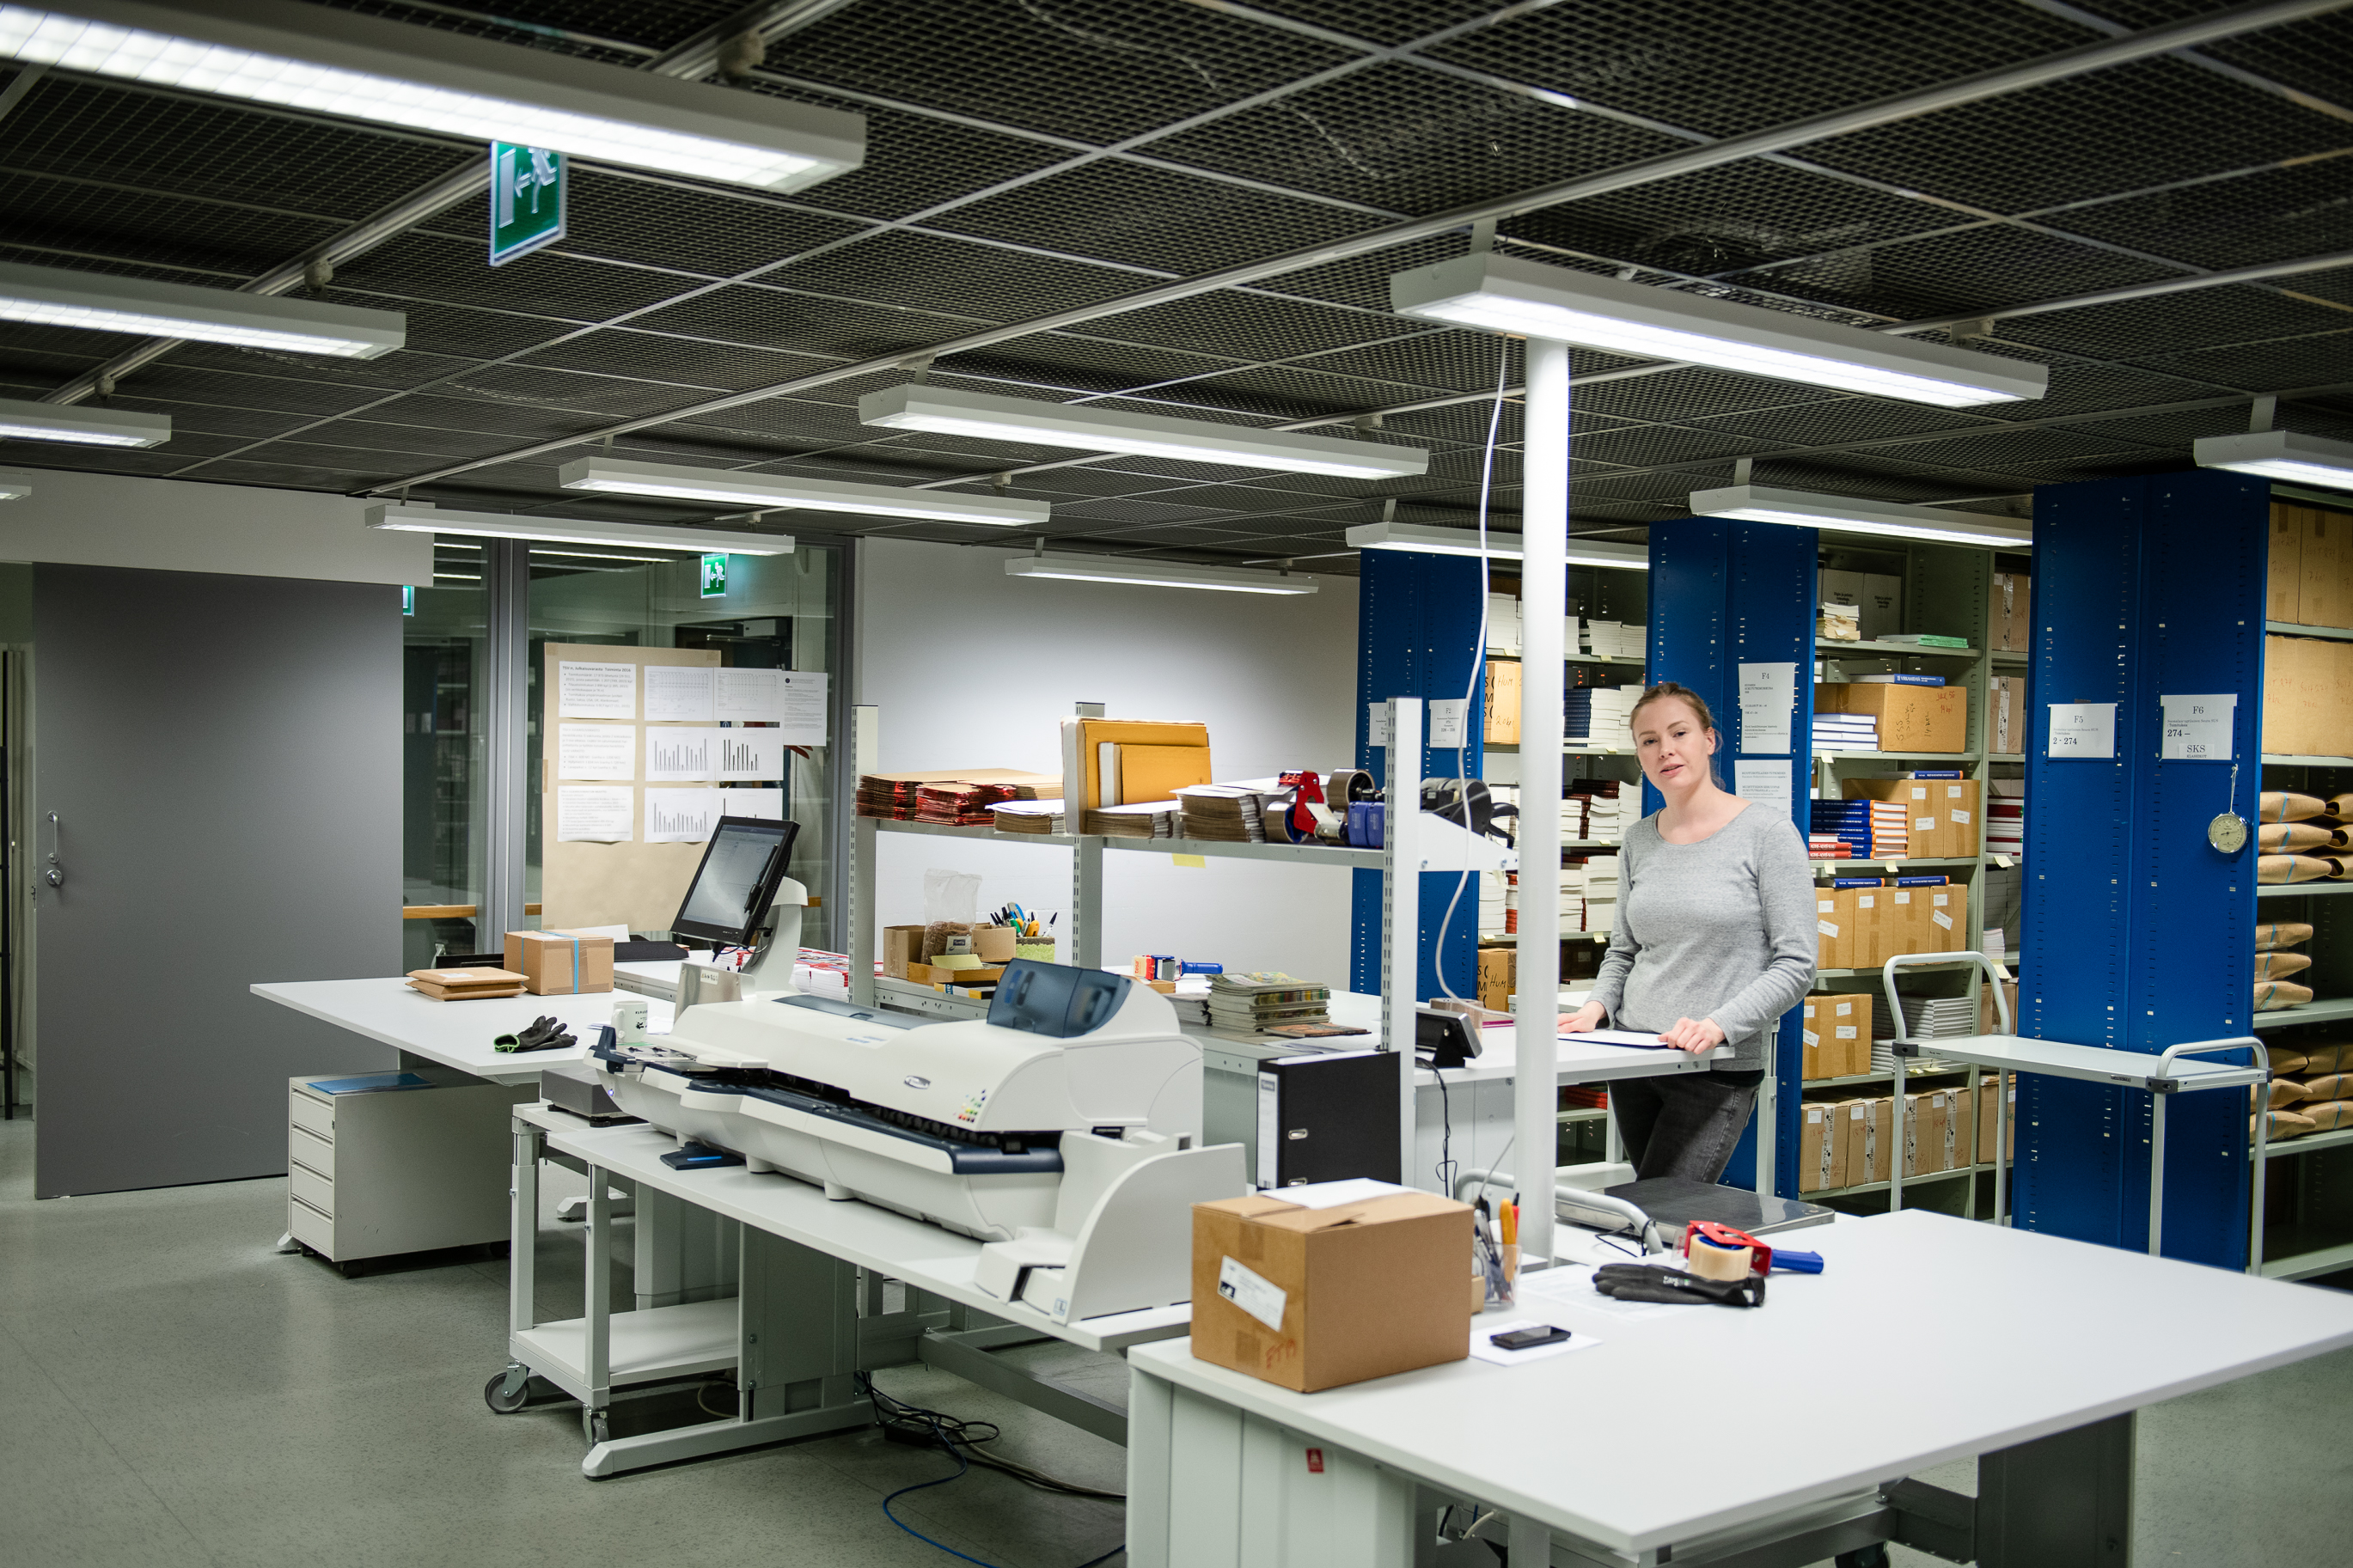 Julkaisuvaraston pakkaamo, kyllyjä ja pöytätaso, jossa paljon erilaista tavaraa ja laitteistoa.